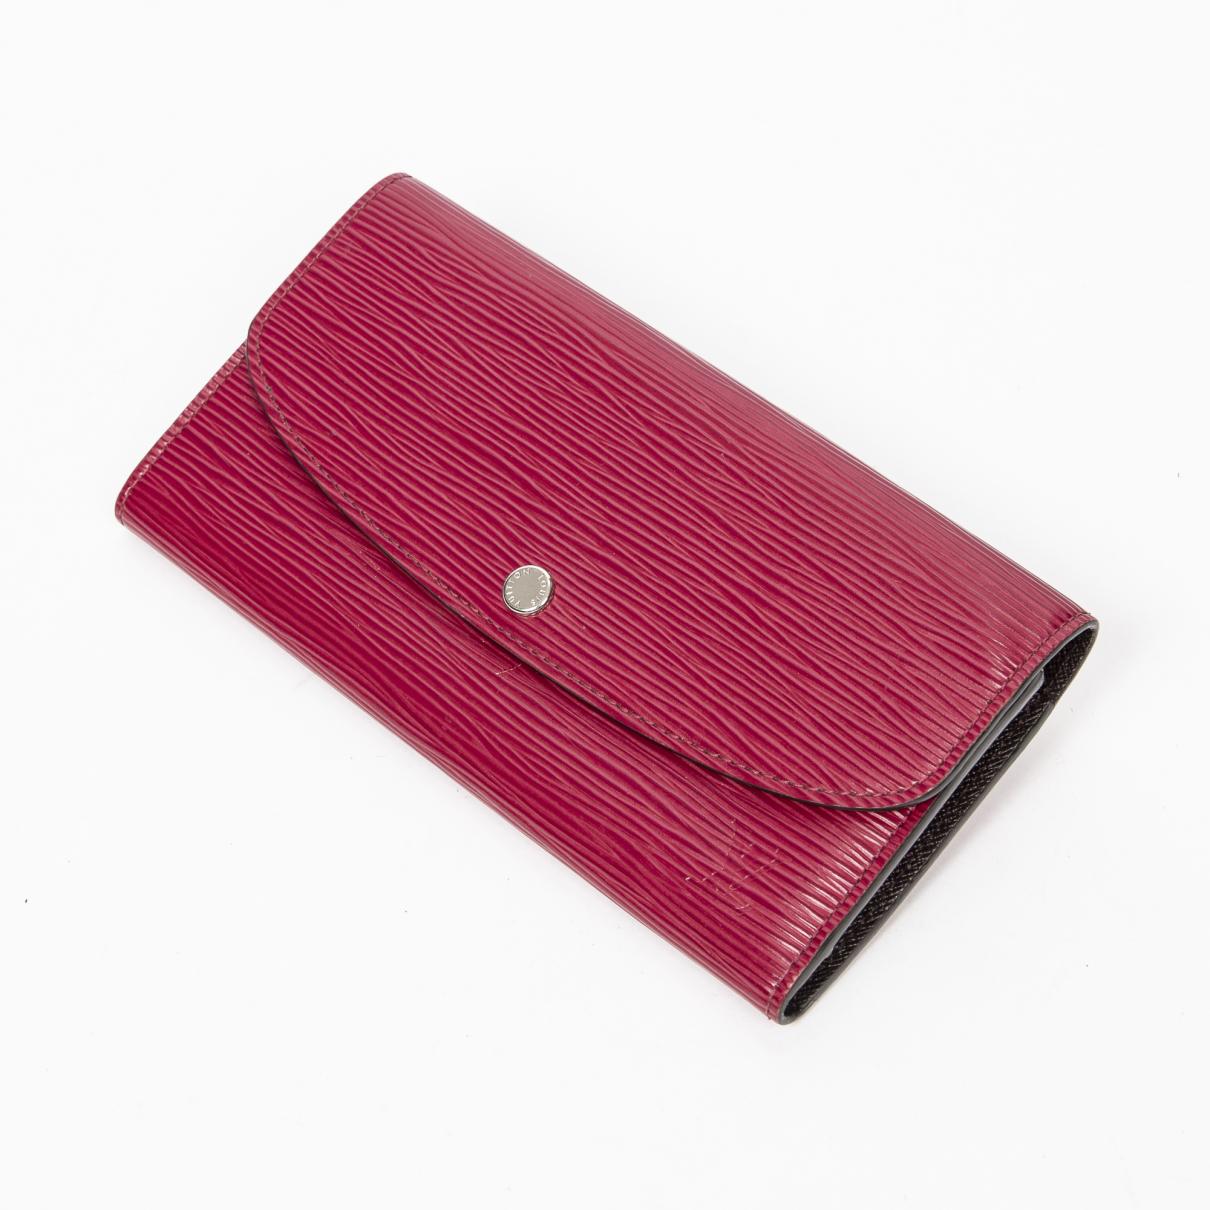 Louis Vuitton - Portefeuille Emilie pour femme en cuir - rose